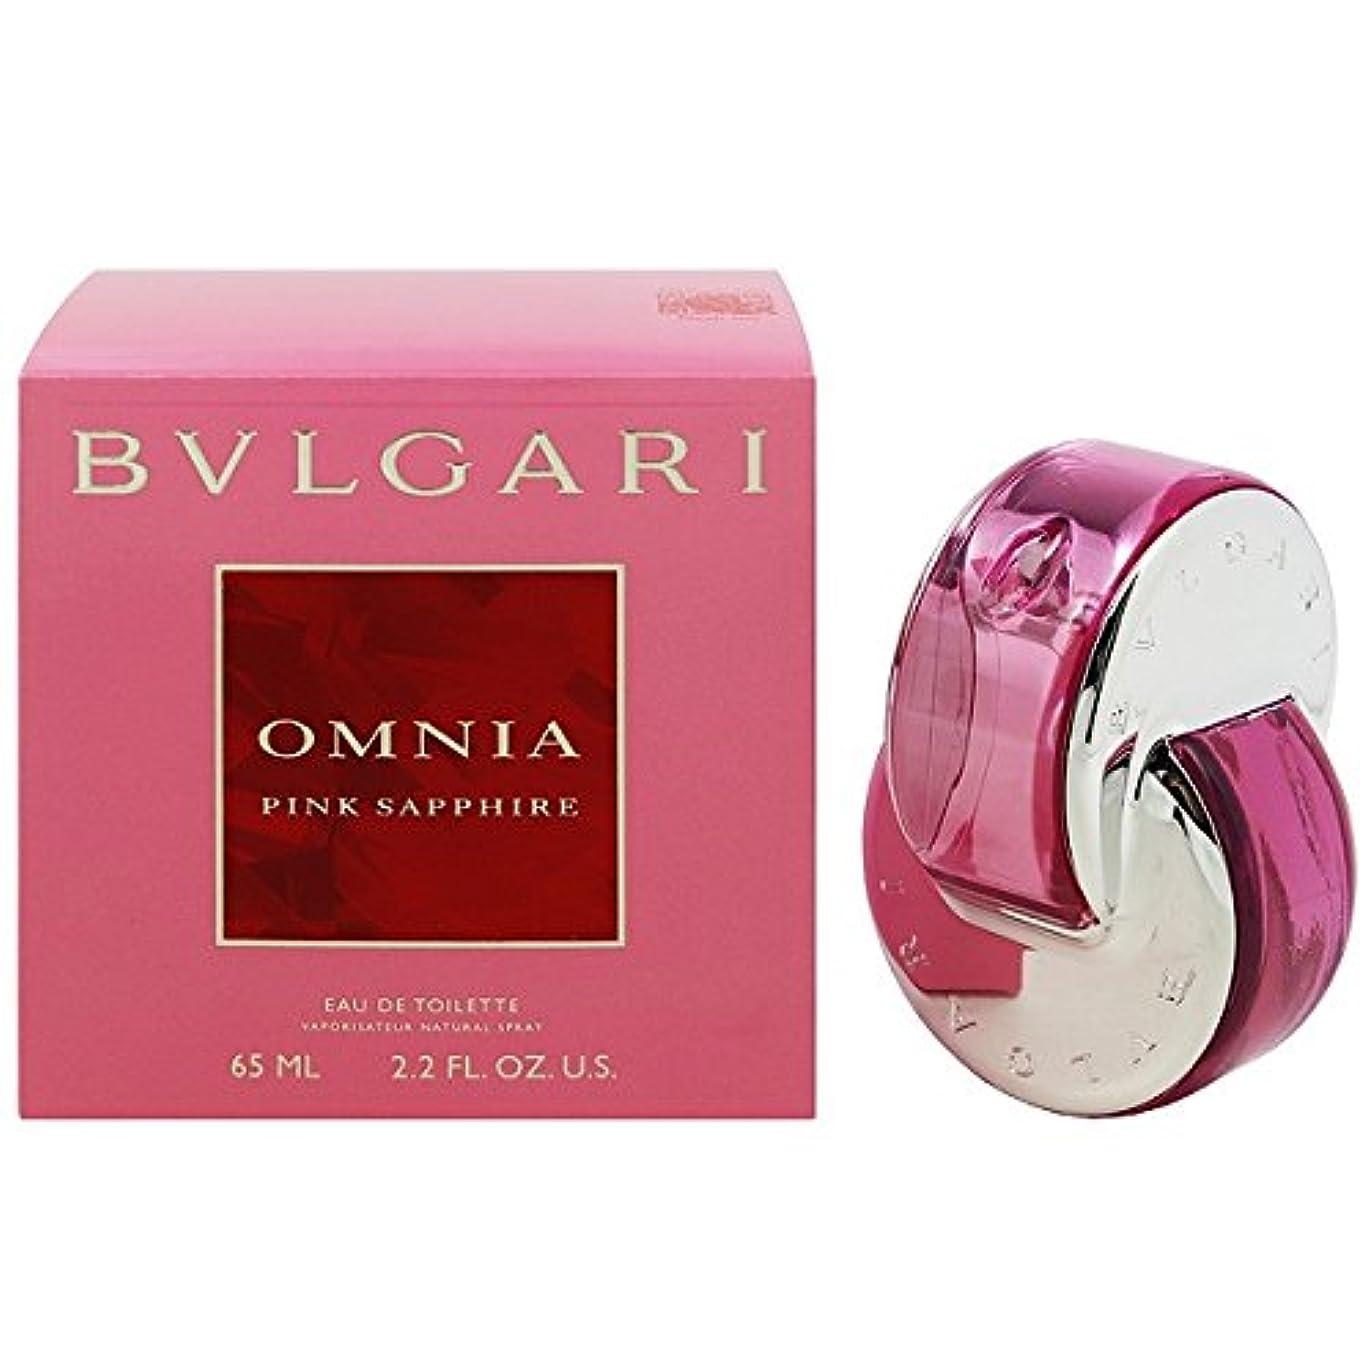 サイズ優雅なセメントブルガリ オムニア ピンク サファイヤ(ピンク サファイア) EDT スプレー 65ml ブルガリ BVLGARI